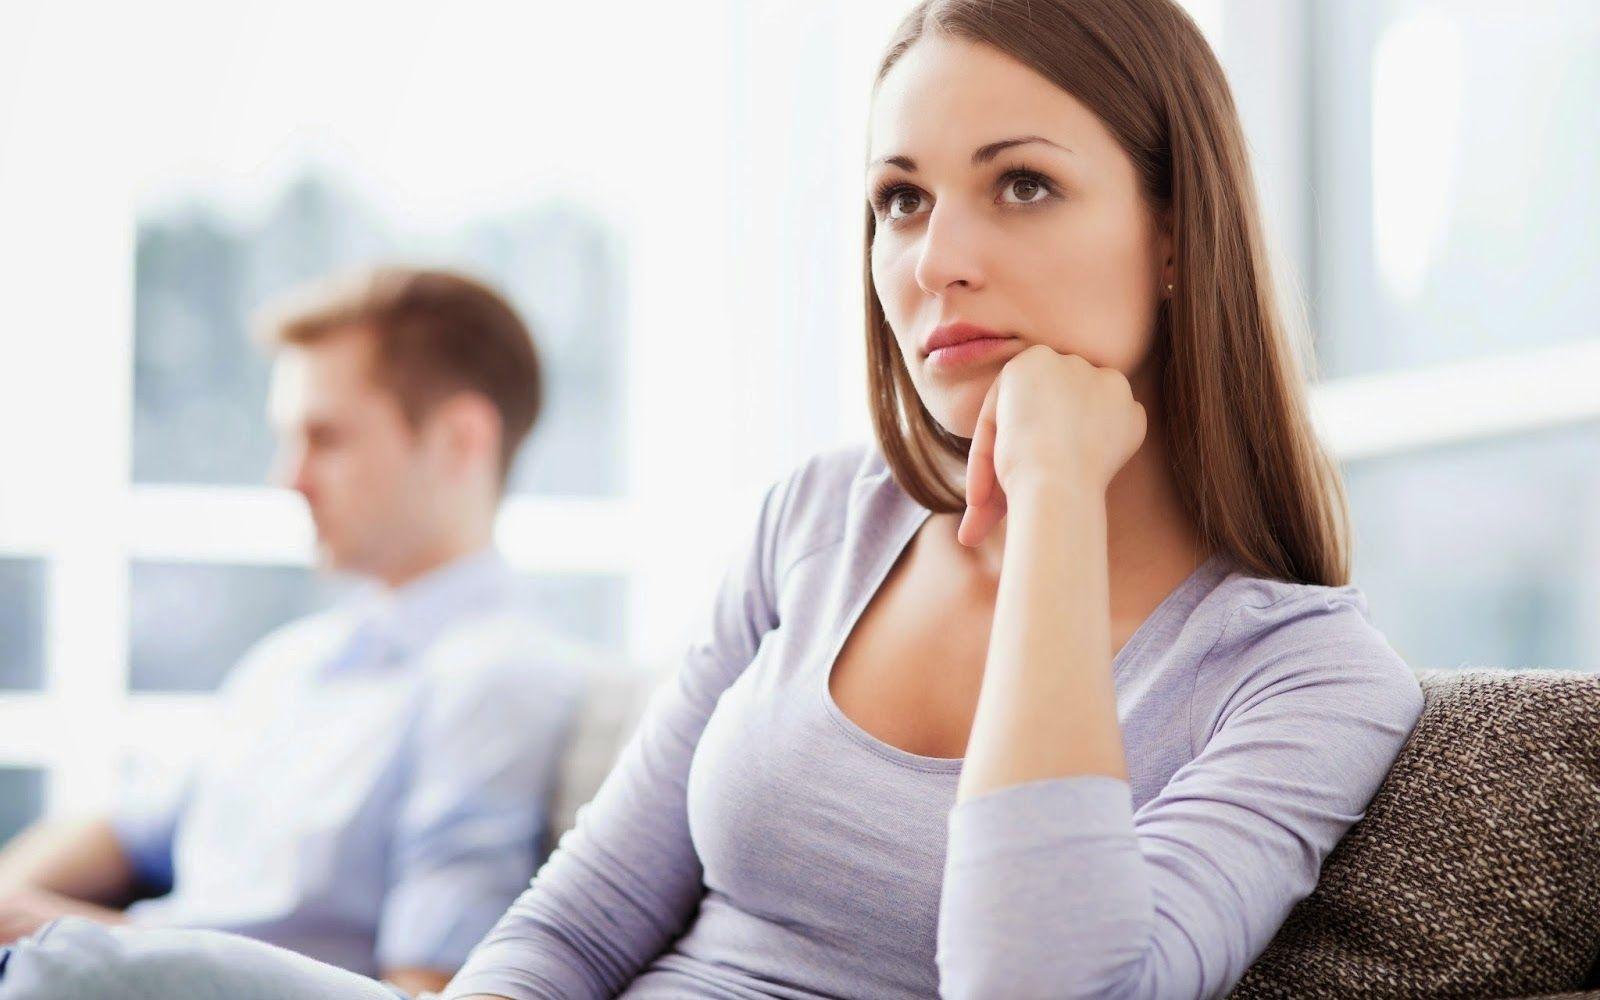 Как вести себя, если мужчина тебя игнорирует? Стоит ли женщине делать первый шаг?